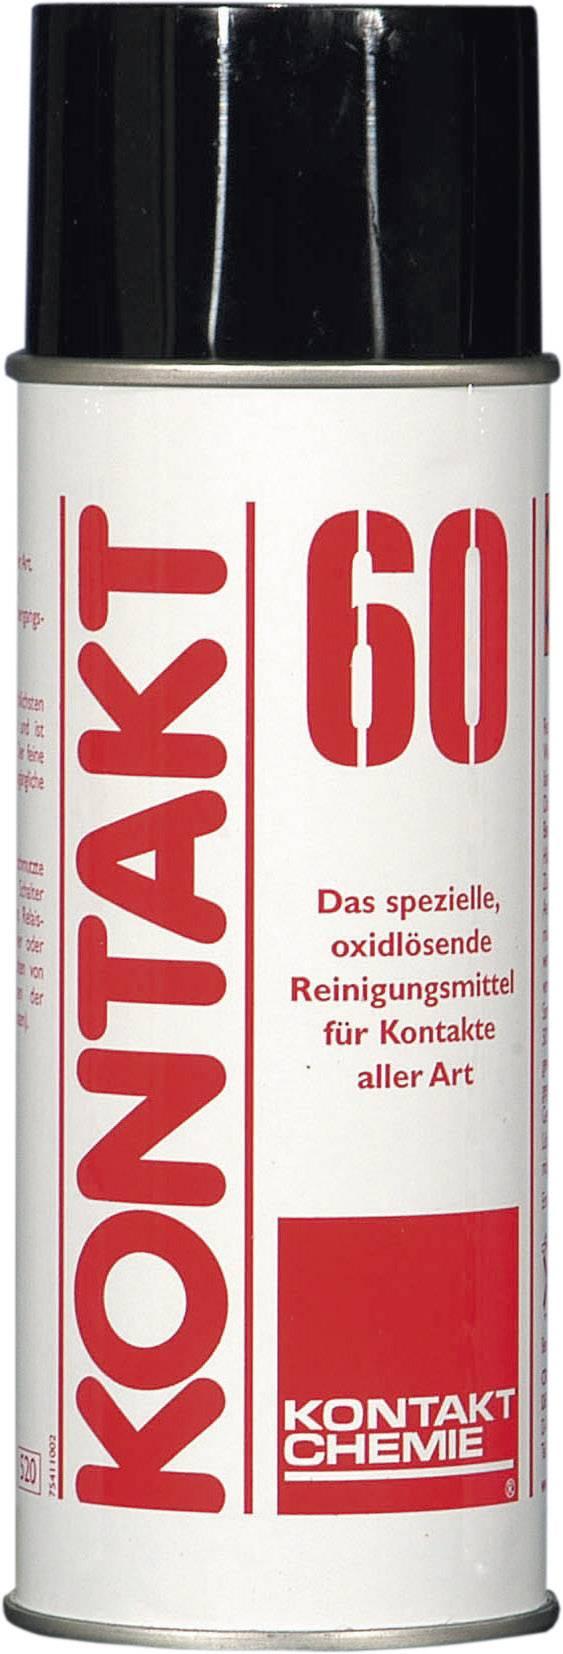 Čistiaci prostriedok pre kontaktné plochy CRC Kontakt Chemie KONTAKT 60 70009-AA, 200 ml